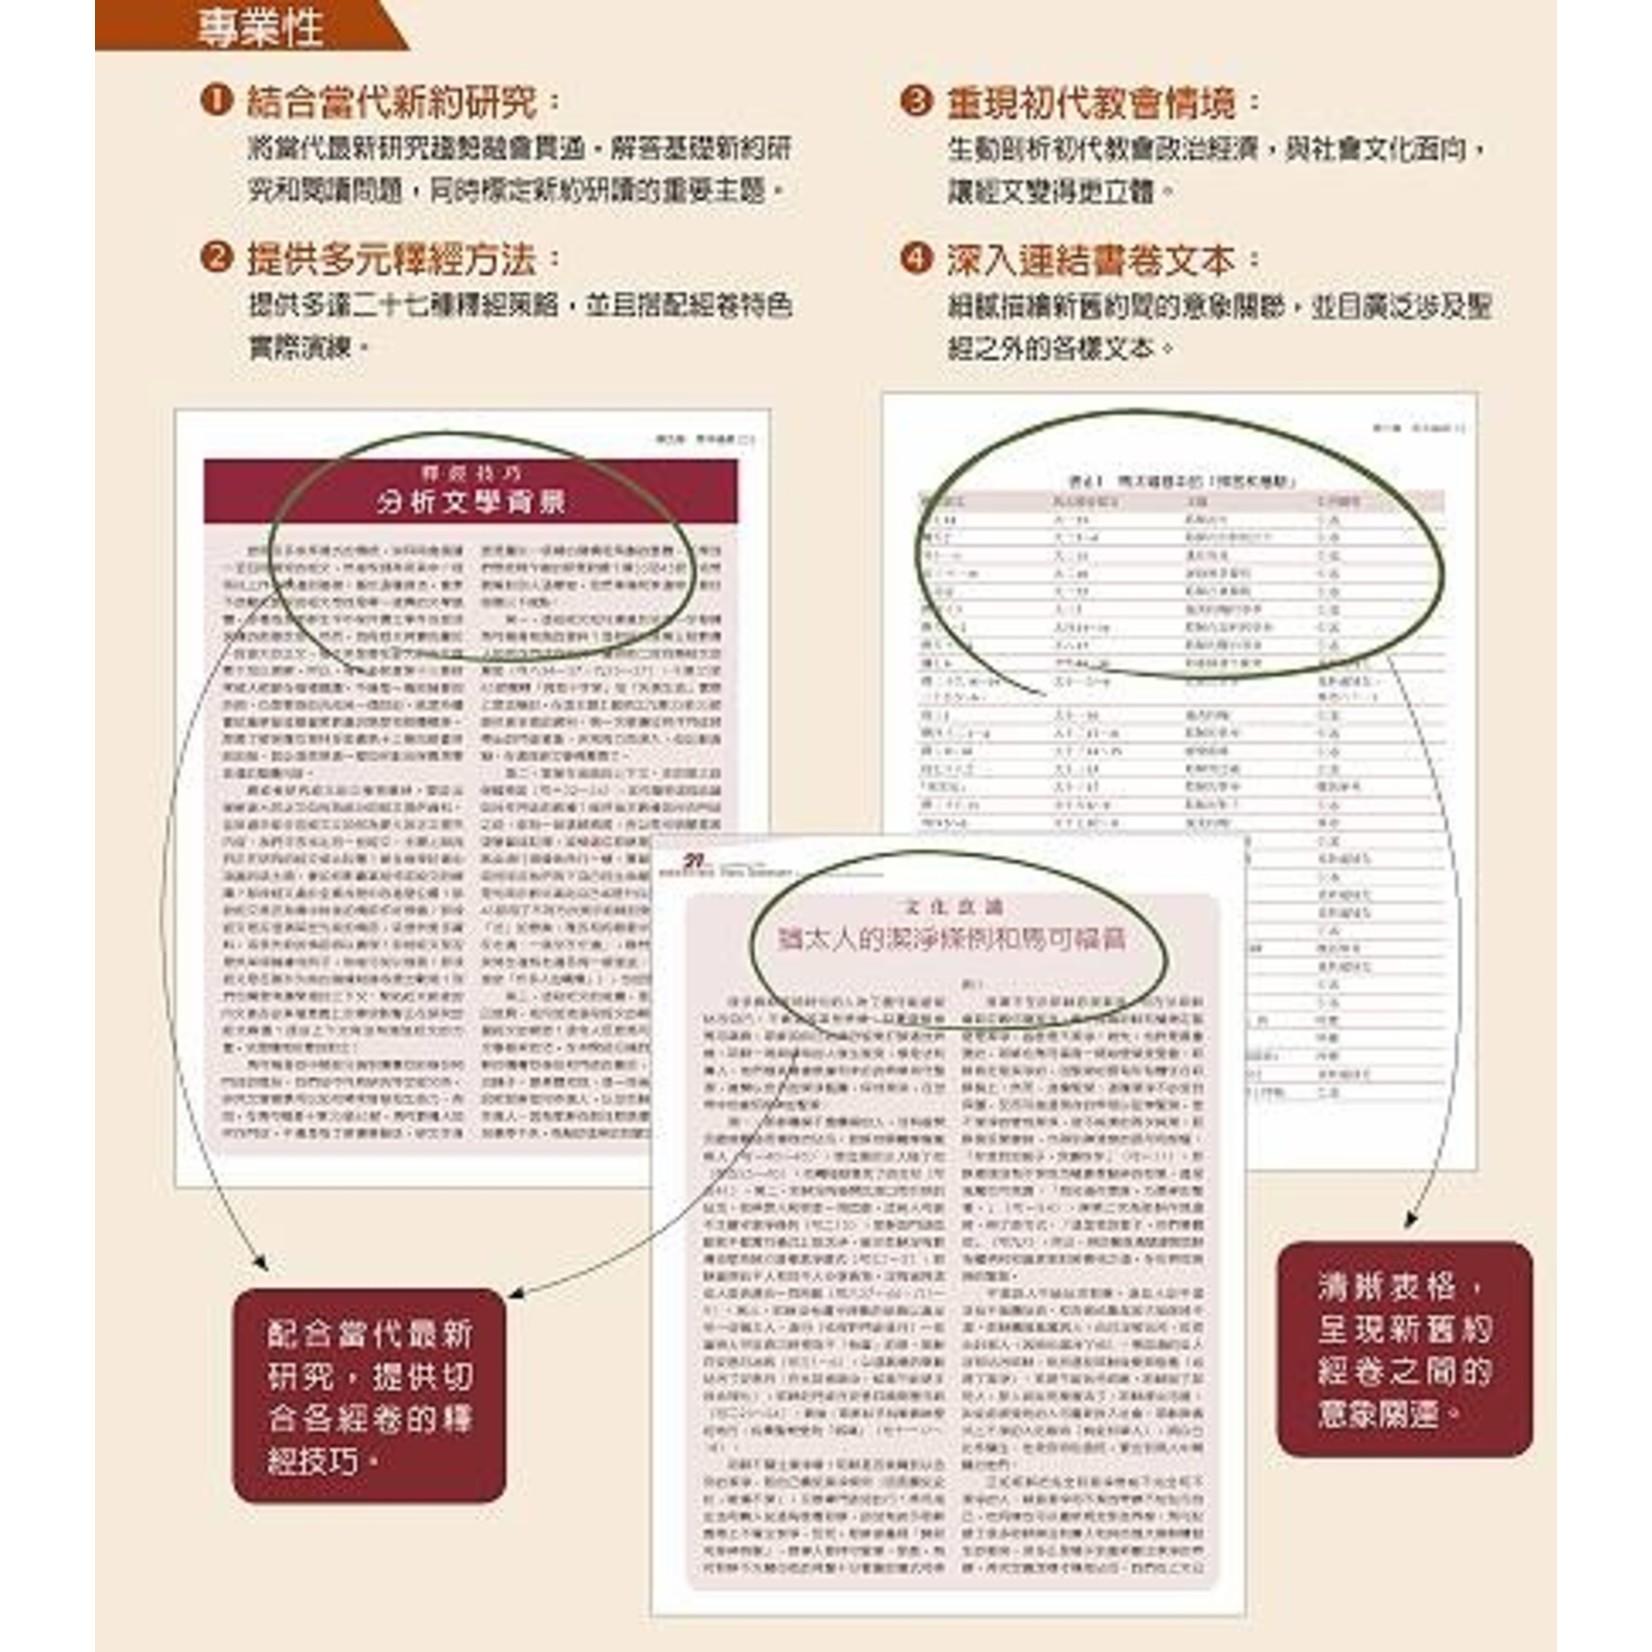 校園書房 Campus Books 21世紀基督教新約導論 An Introduction to the New Testament: Contexts, Methods & Ministry Formation